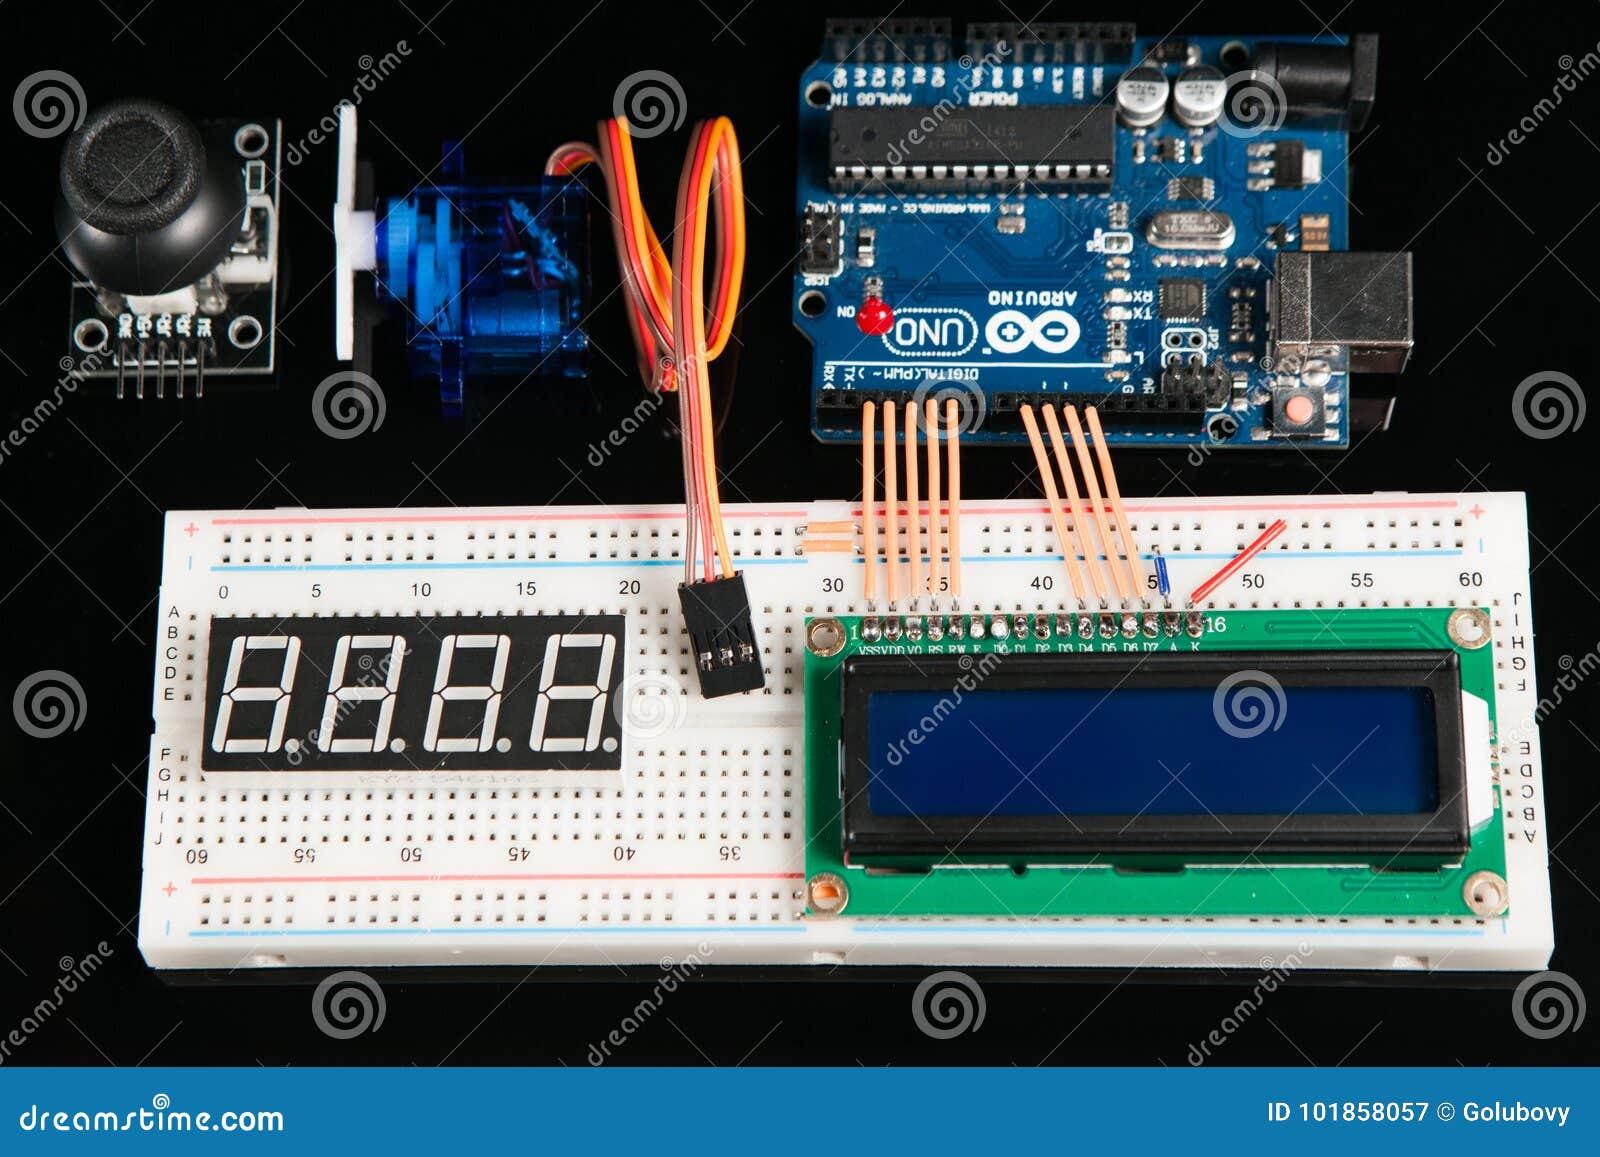 Full Functioncircuit Testing Ultrasonic Pcb Board Circuit Buy